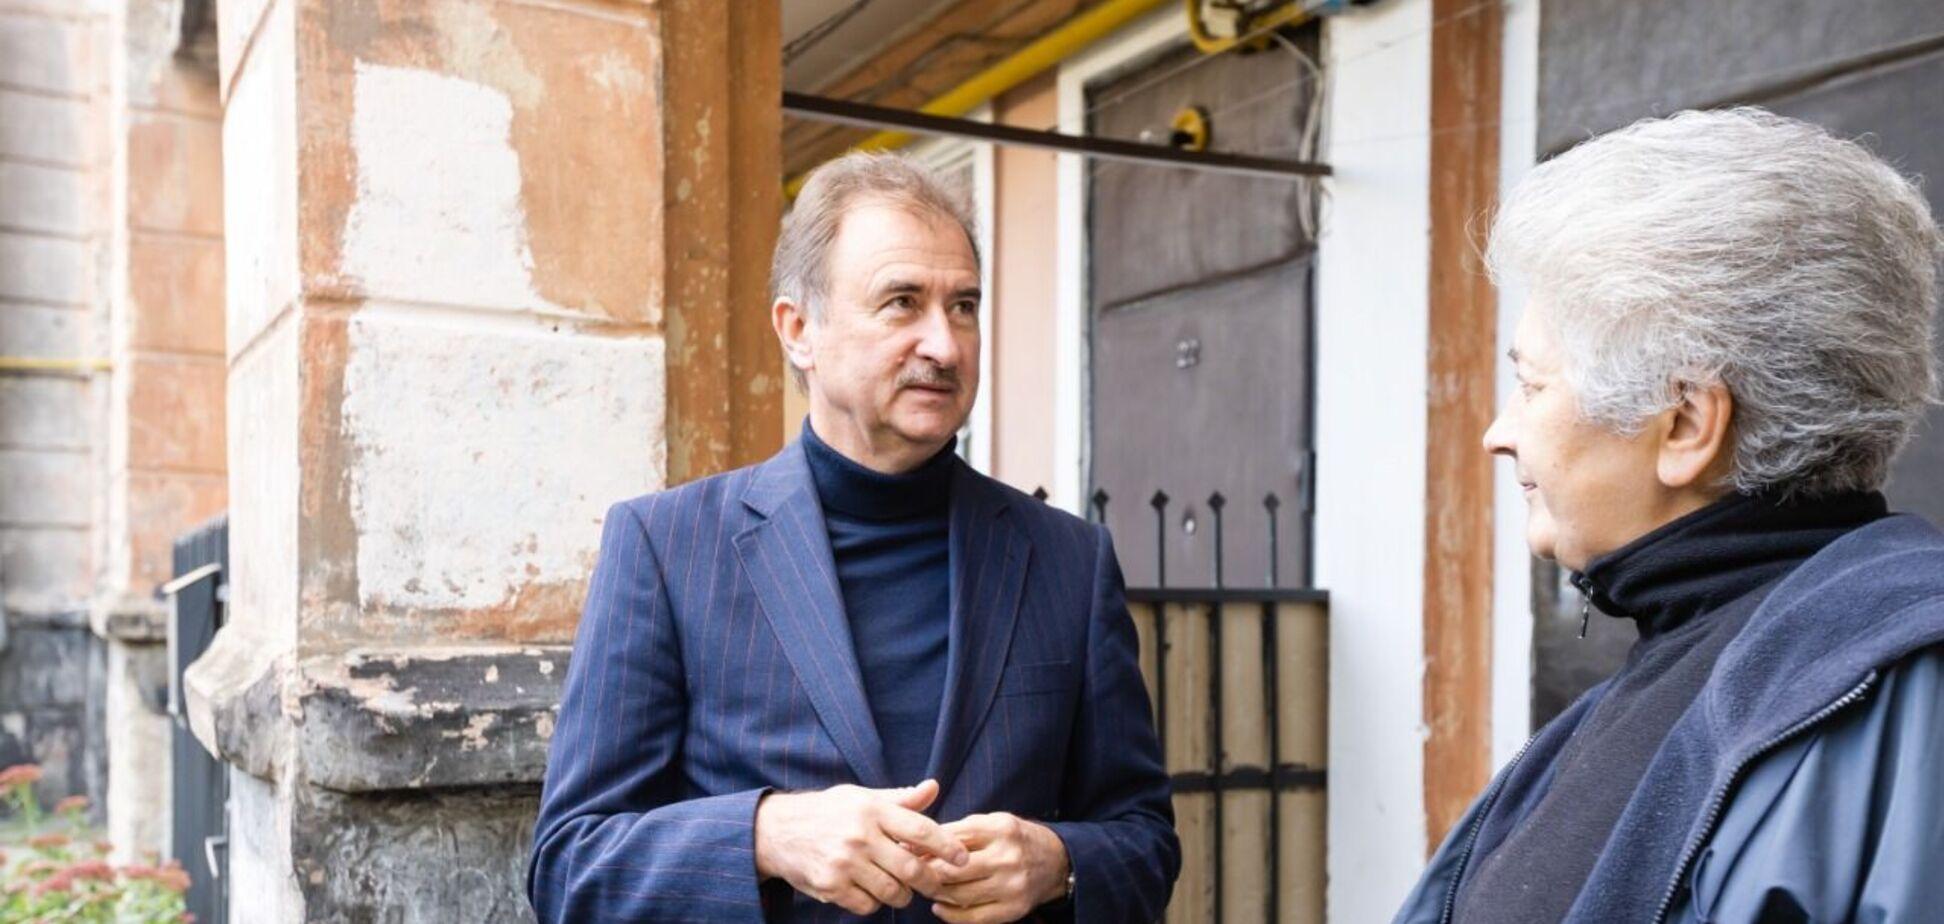 Кандидат у мери Києва Попов пообіцяв запустити програму капітального ремонту столичних хрущовок